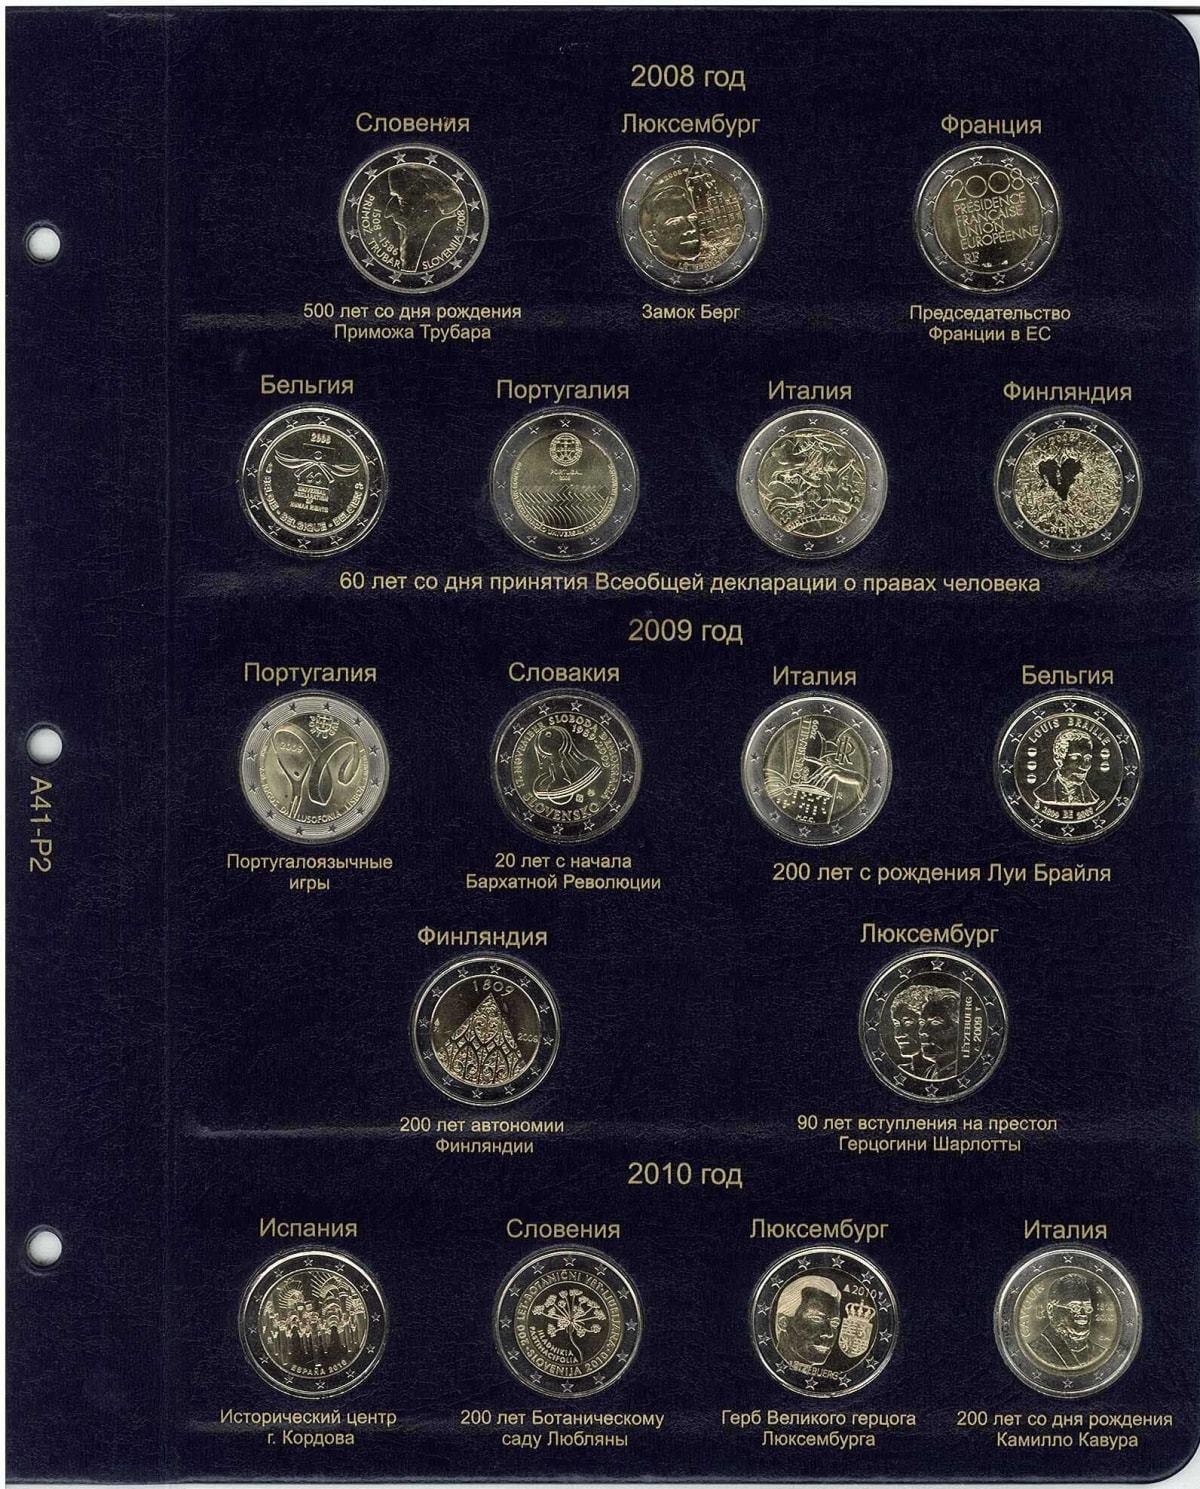 Альбом для памятных и юбилейных монет 2 Евро. Том 1